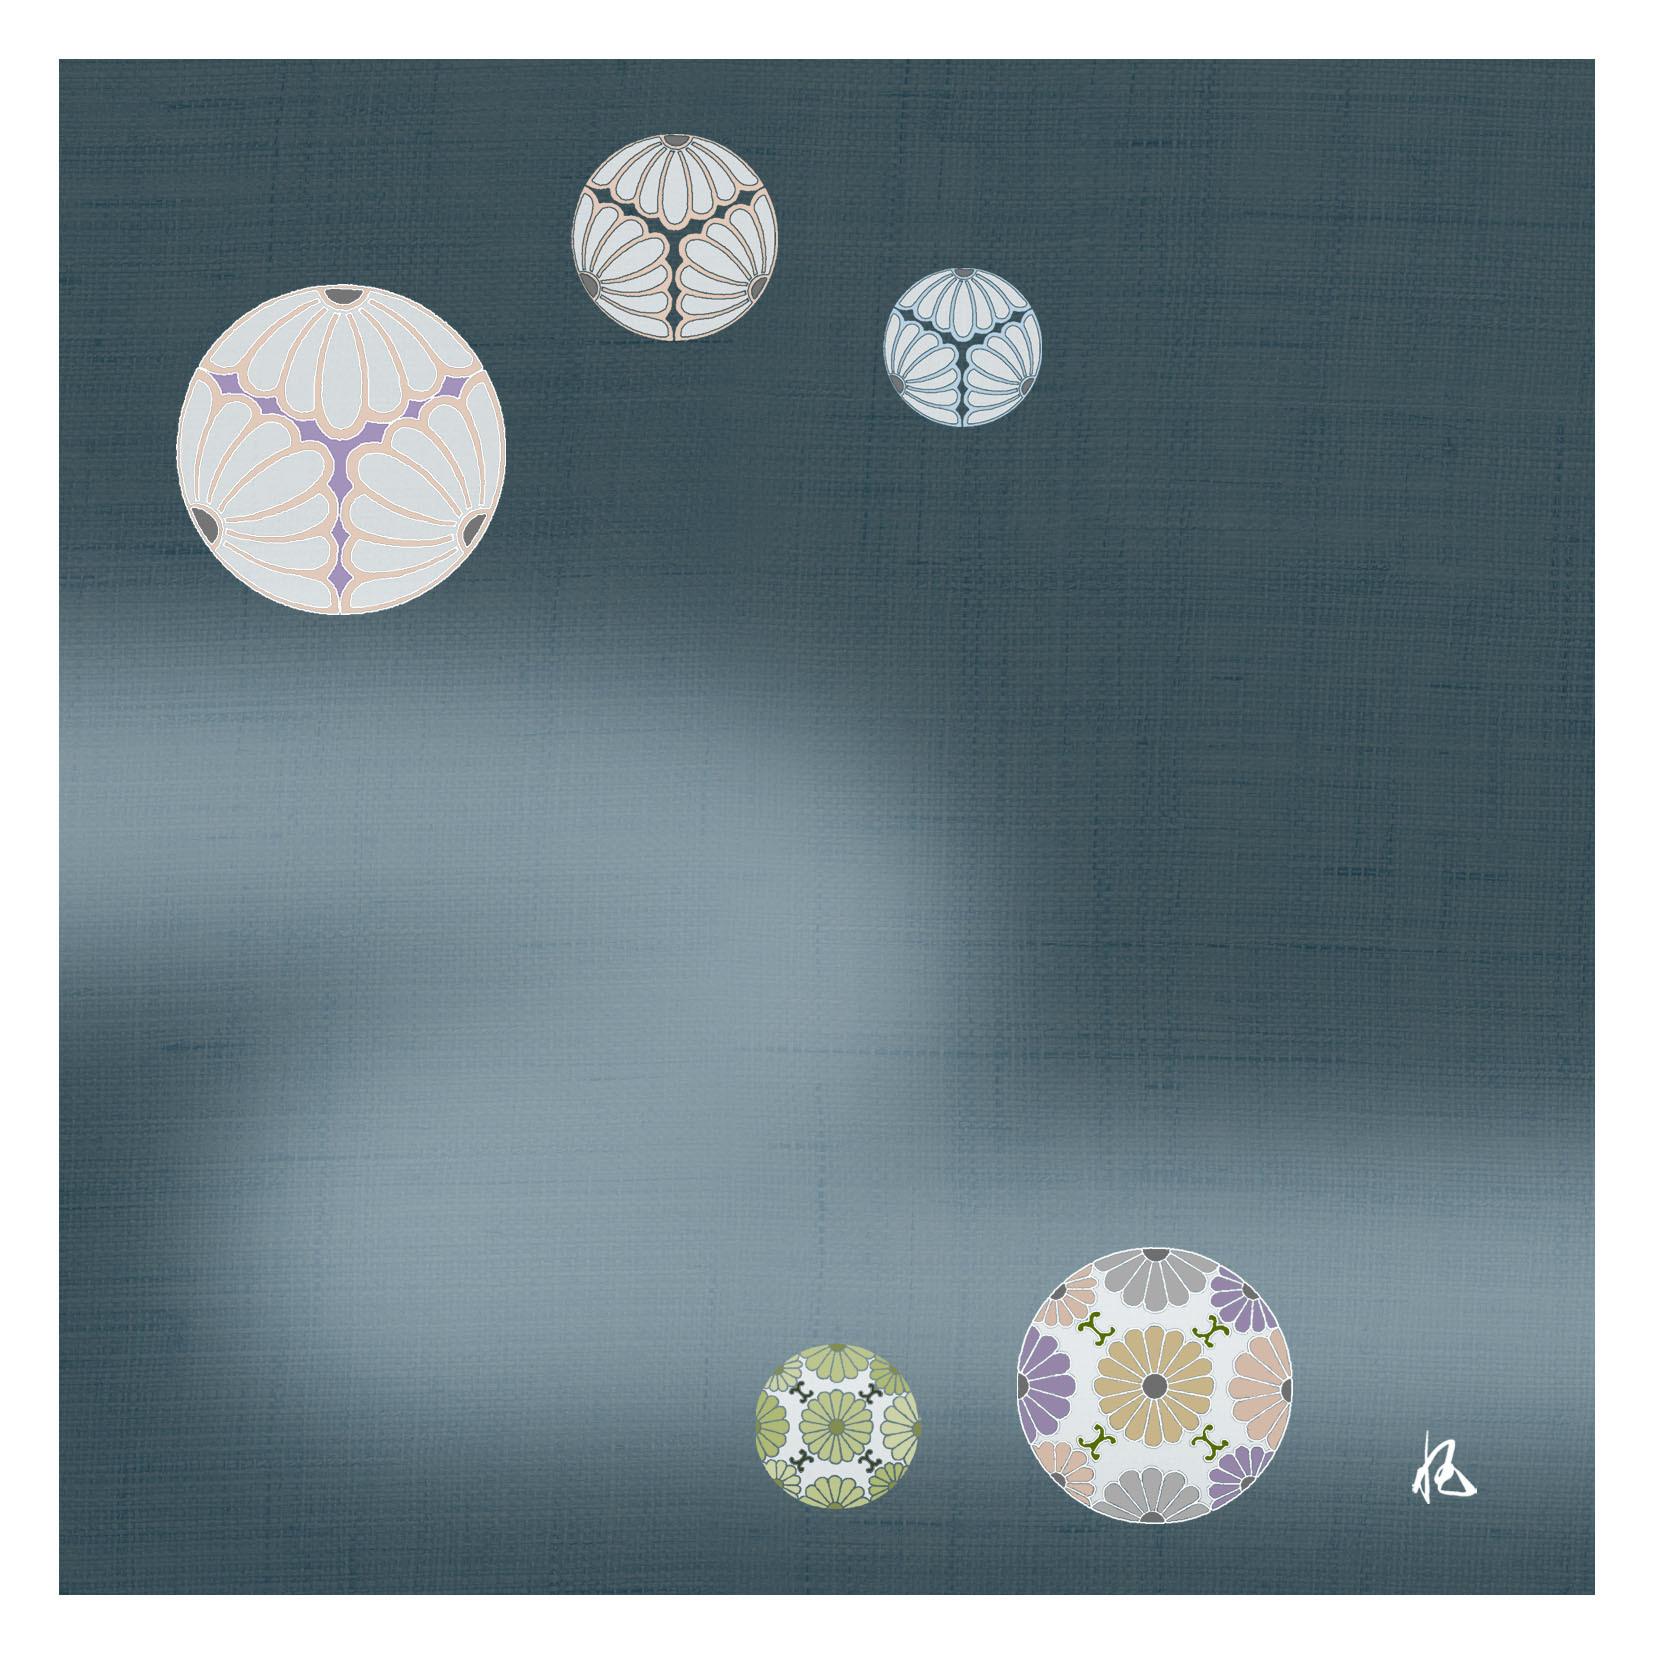 ガラス皿「そめゆら」K-15 菊紋 ブルー